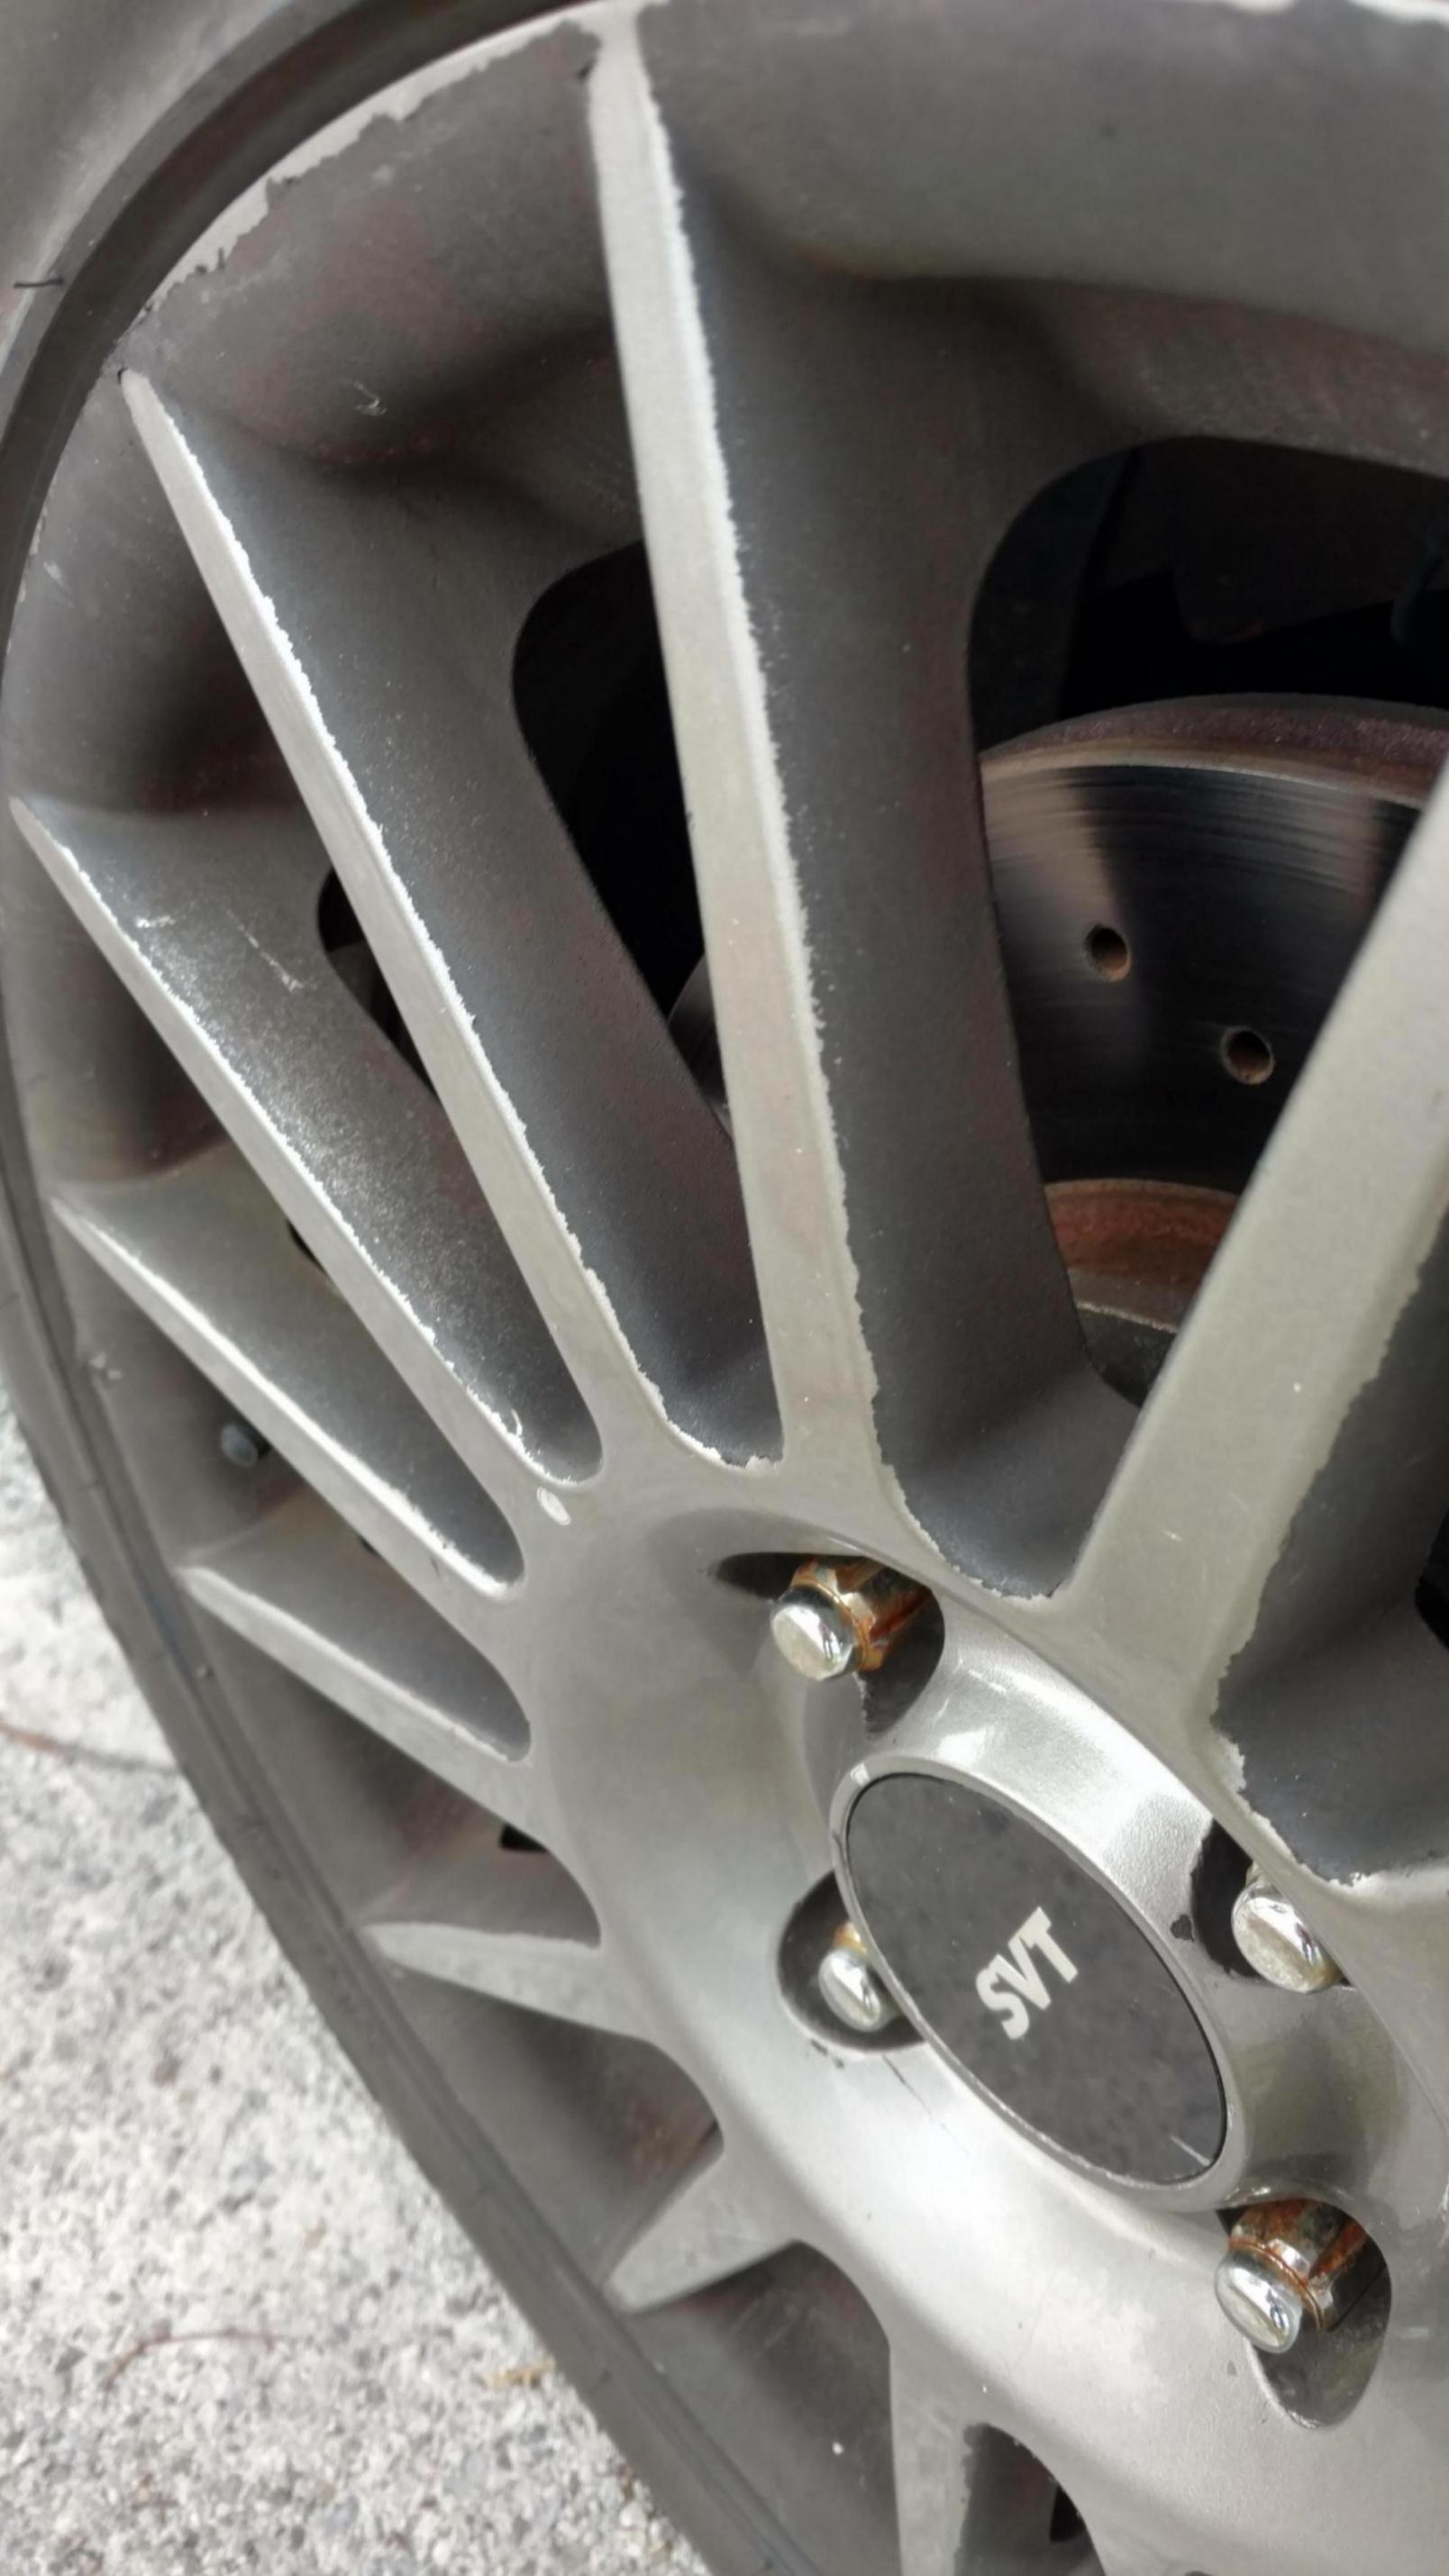 Taller tires look nice-img_20181026_142528434_hdr_1540612609470.jpg